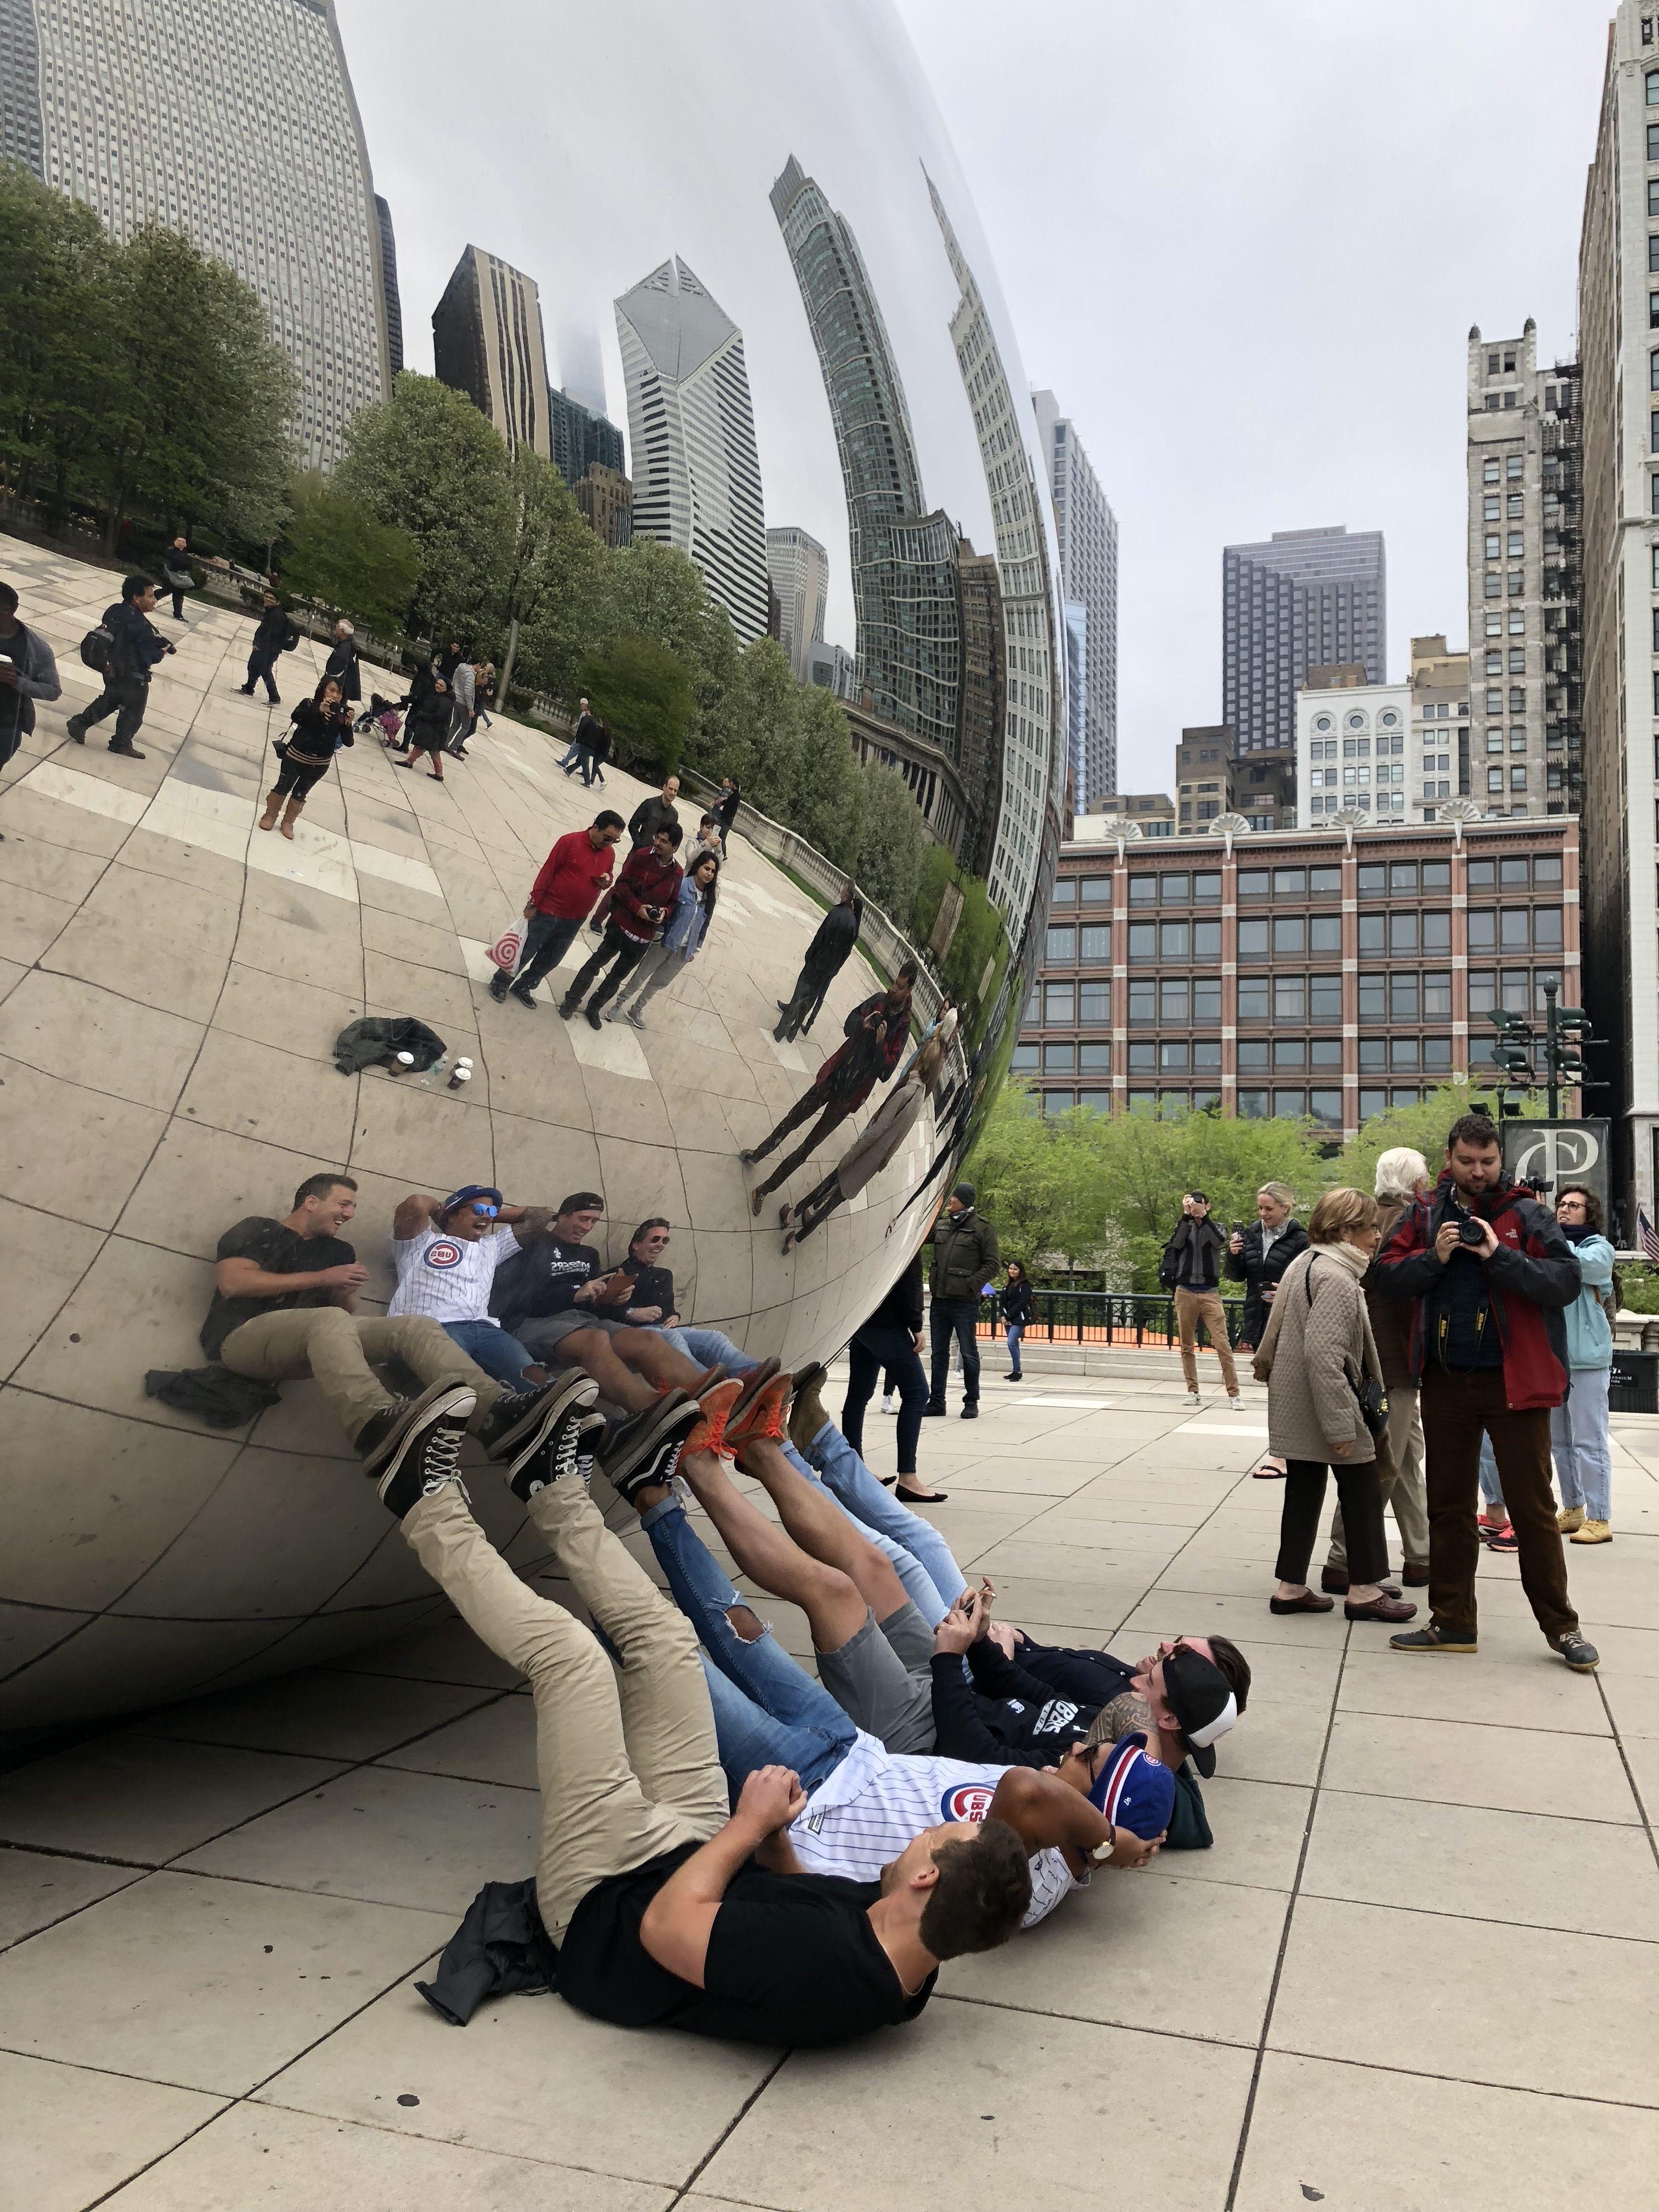 Y algunos són más originales jugando con las perspectivas de la escultura...